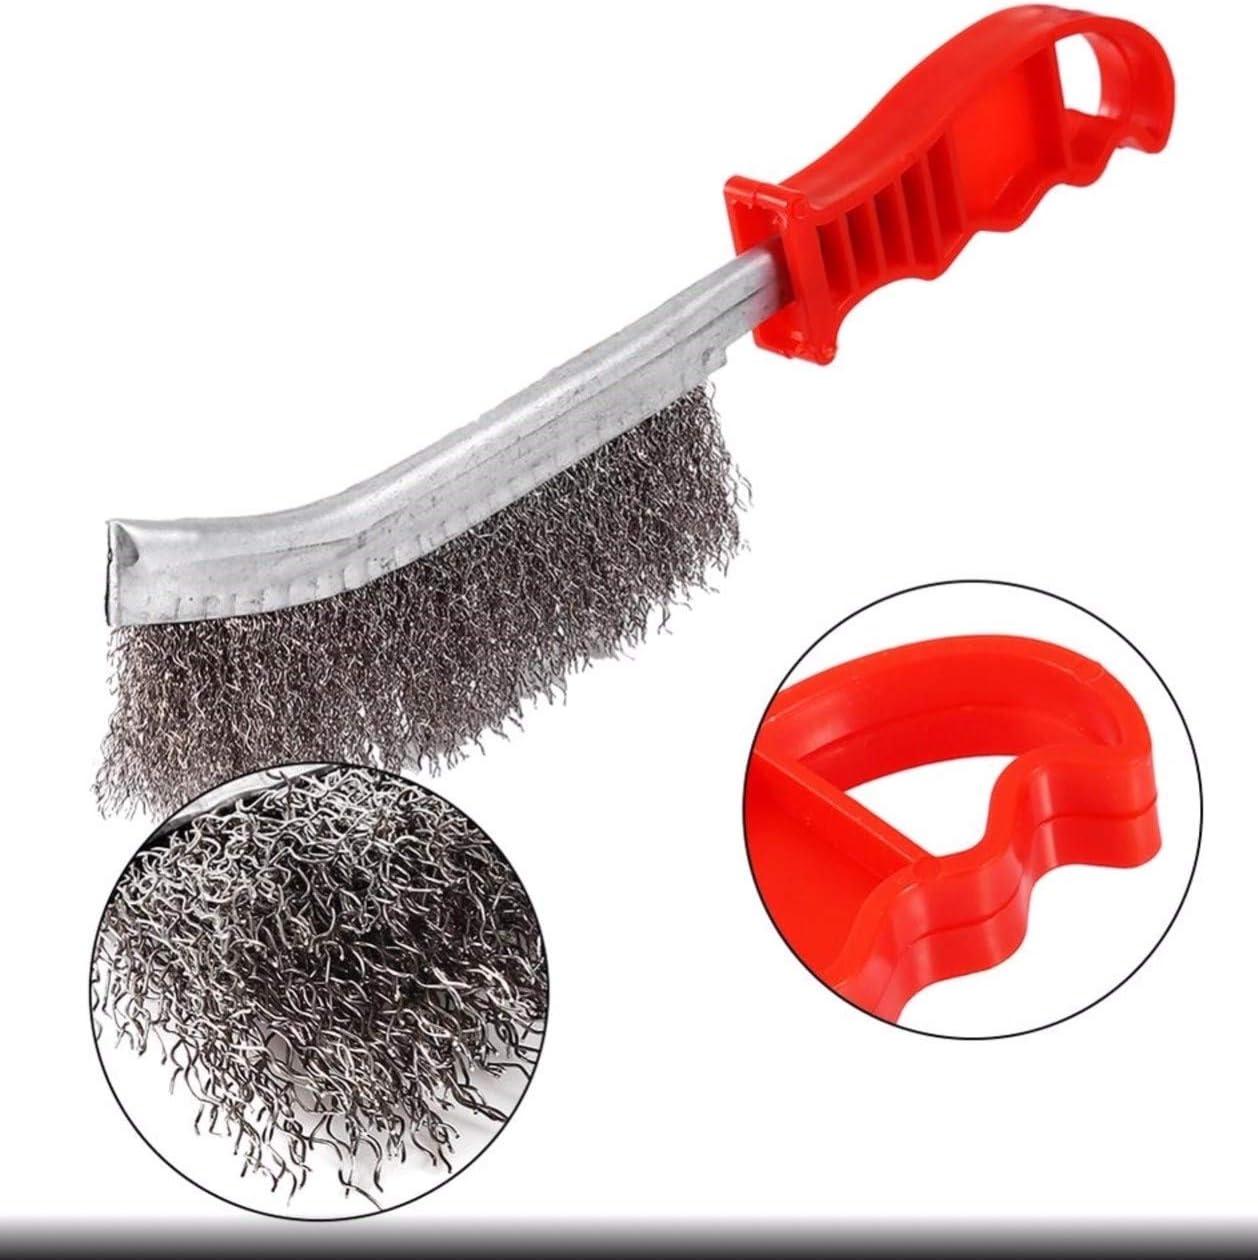 Nettoyage et brossage des surfaces fragiles ou tendres Kibros 8SPIVP SKRIB 1 rang PVC rigide Brosse /à main m/étallique convexe